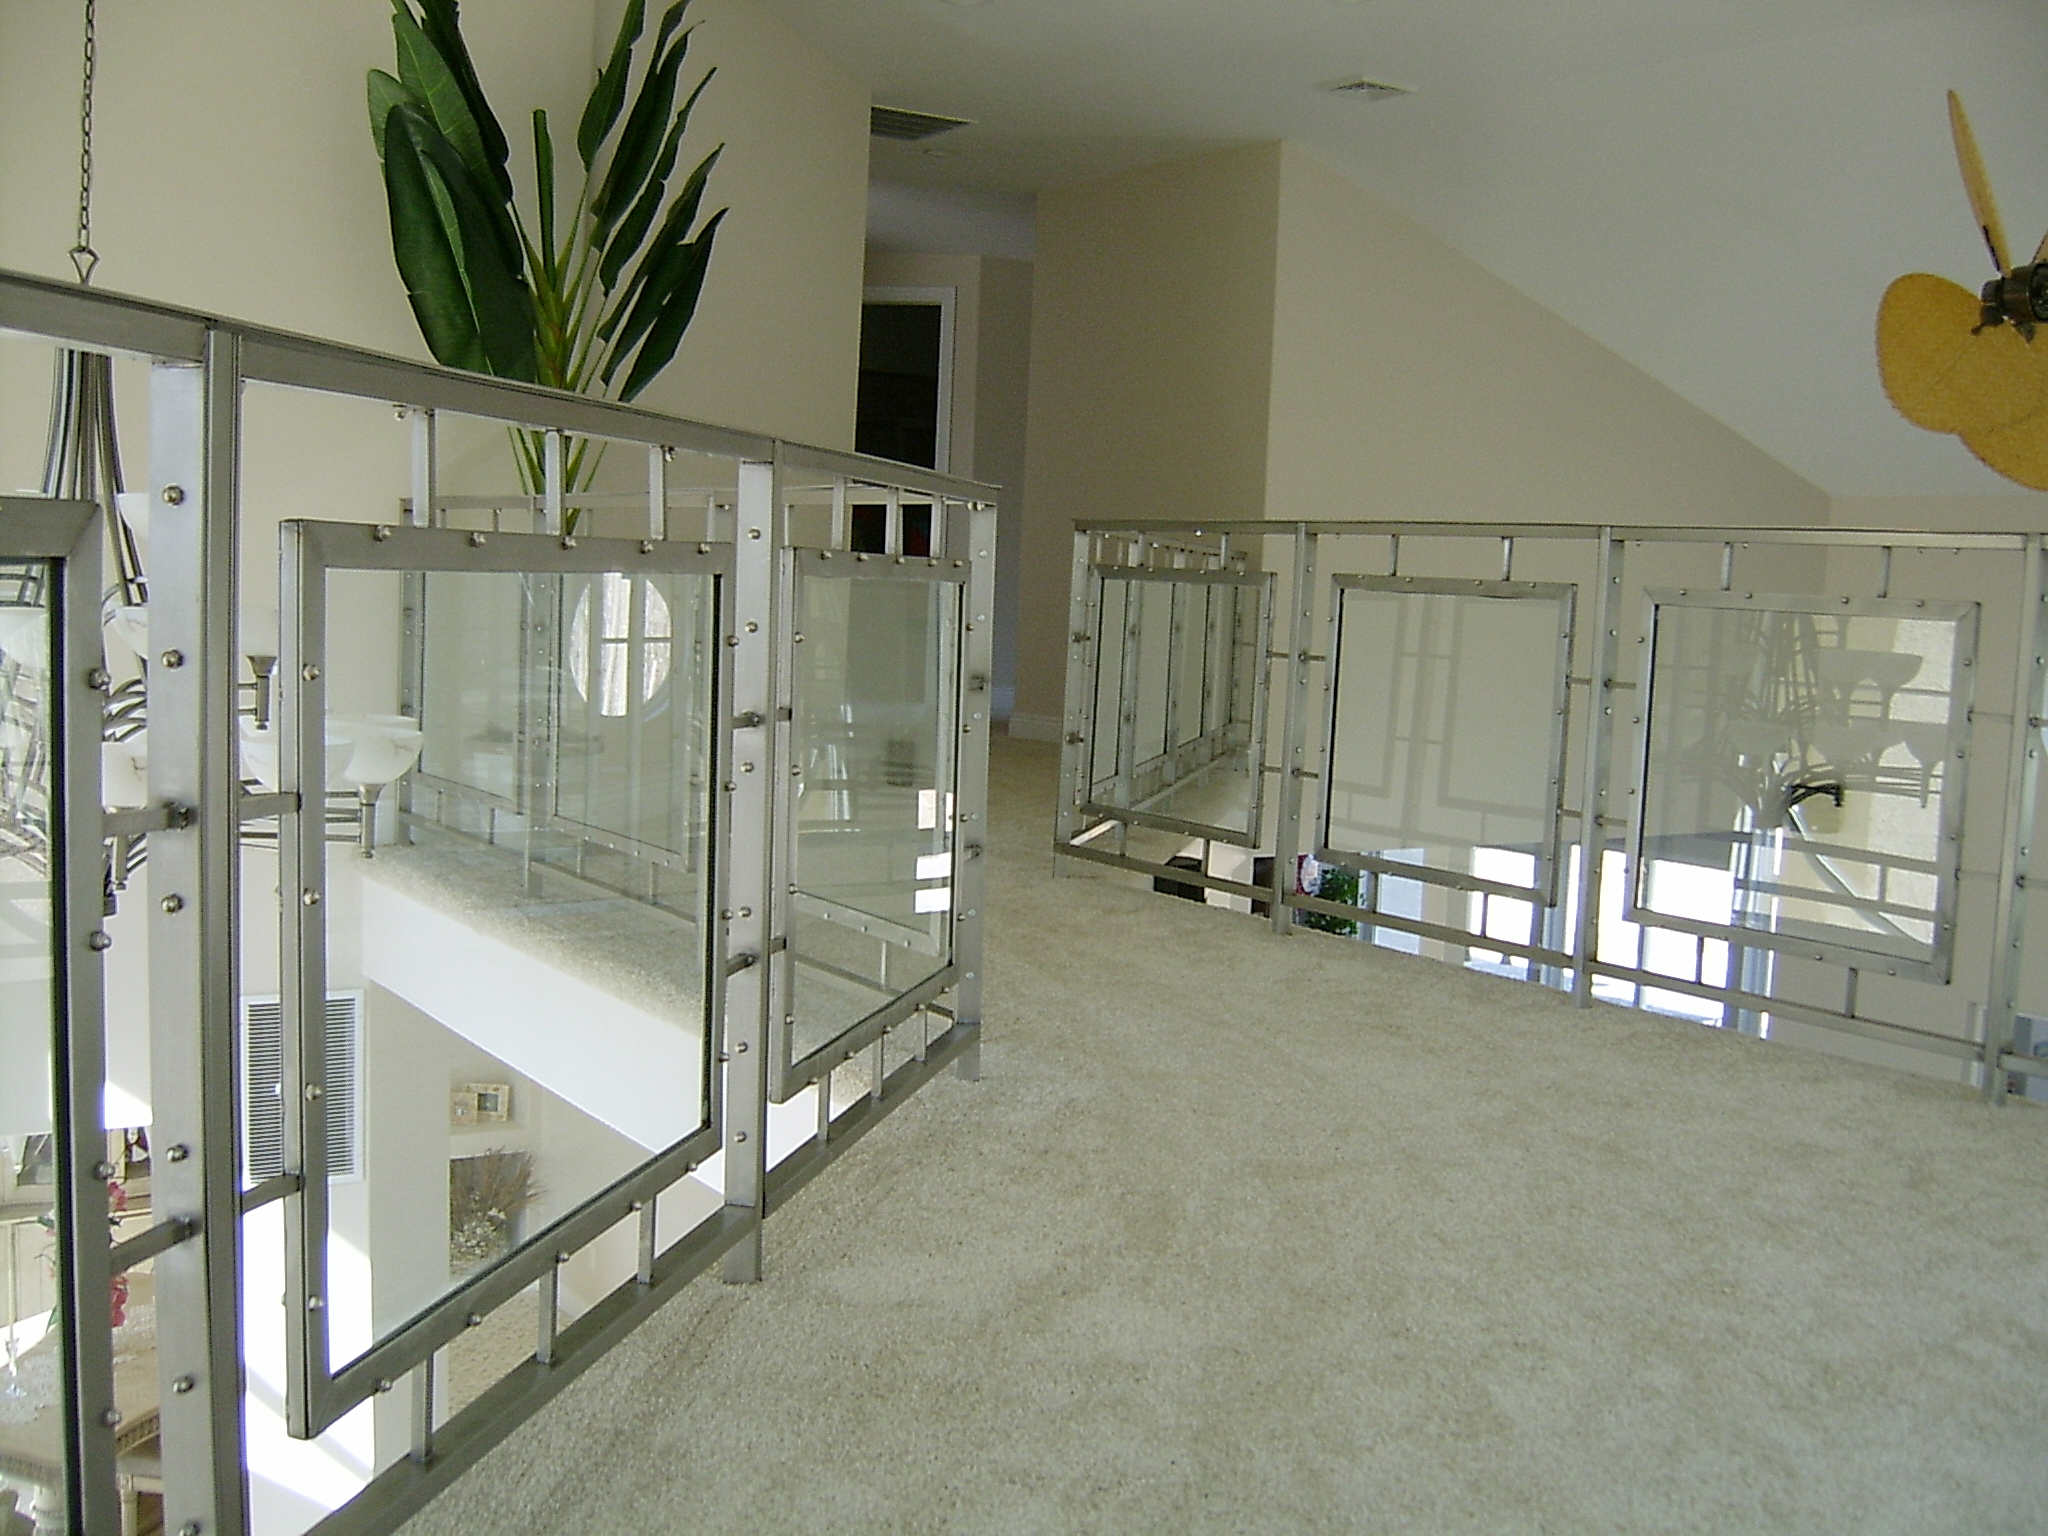 Framed glass railing